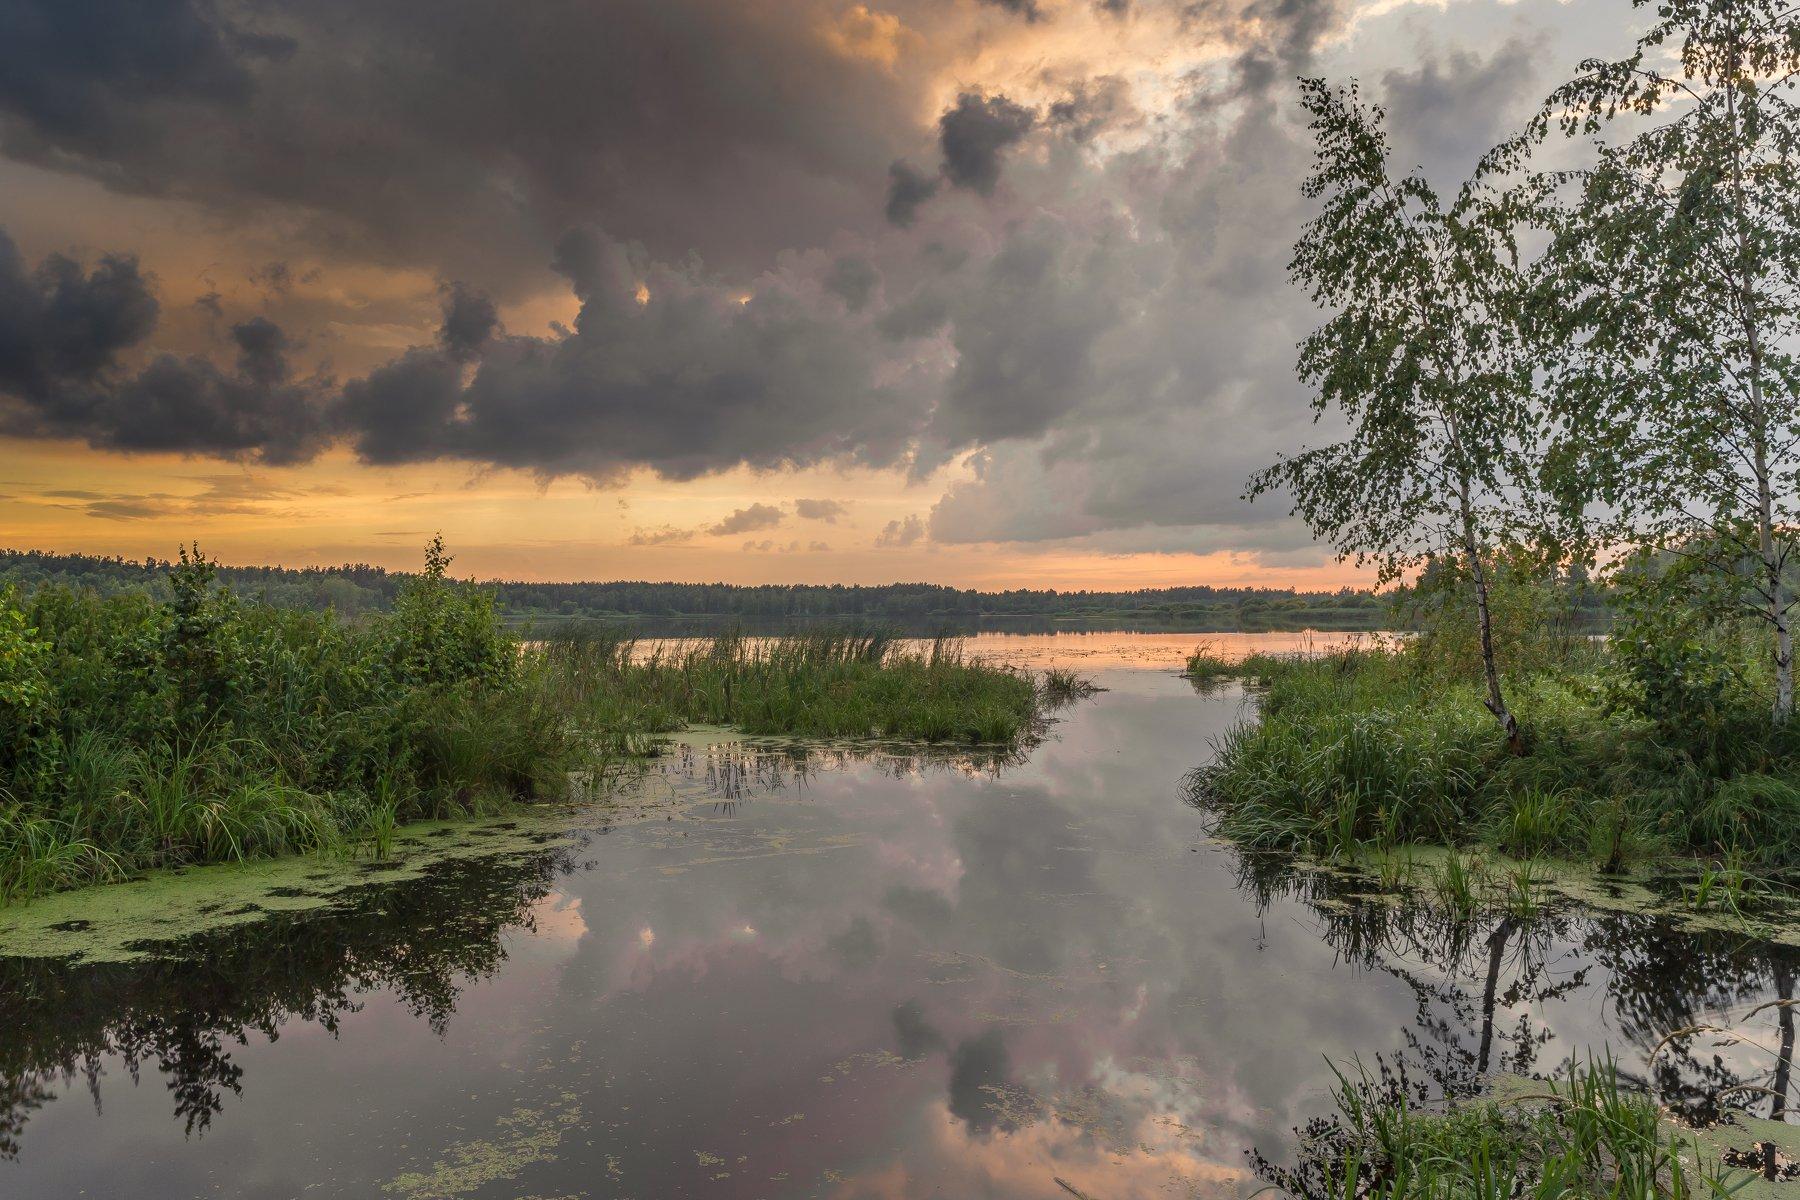 вечер, озеро, облака, гроза, Евгений Патрешов